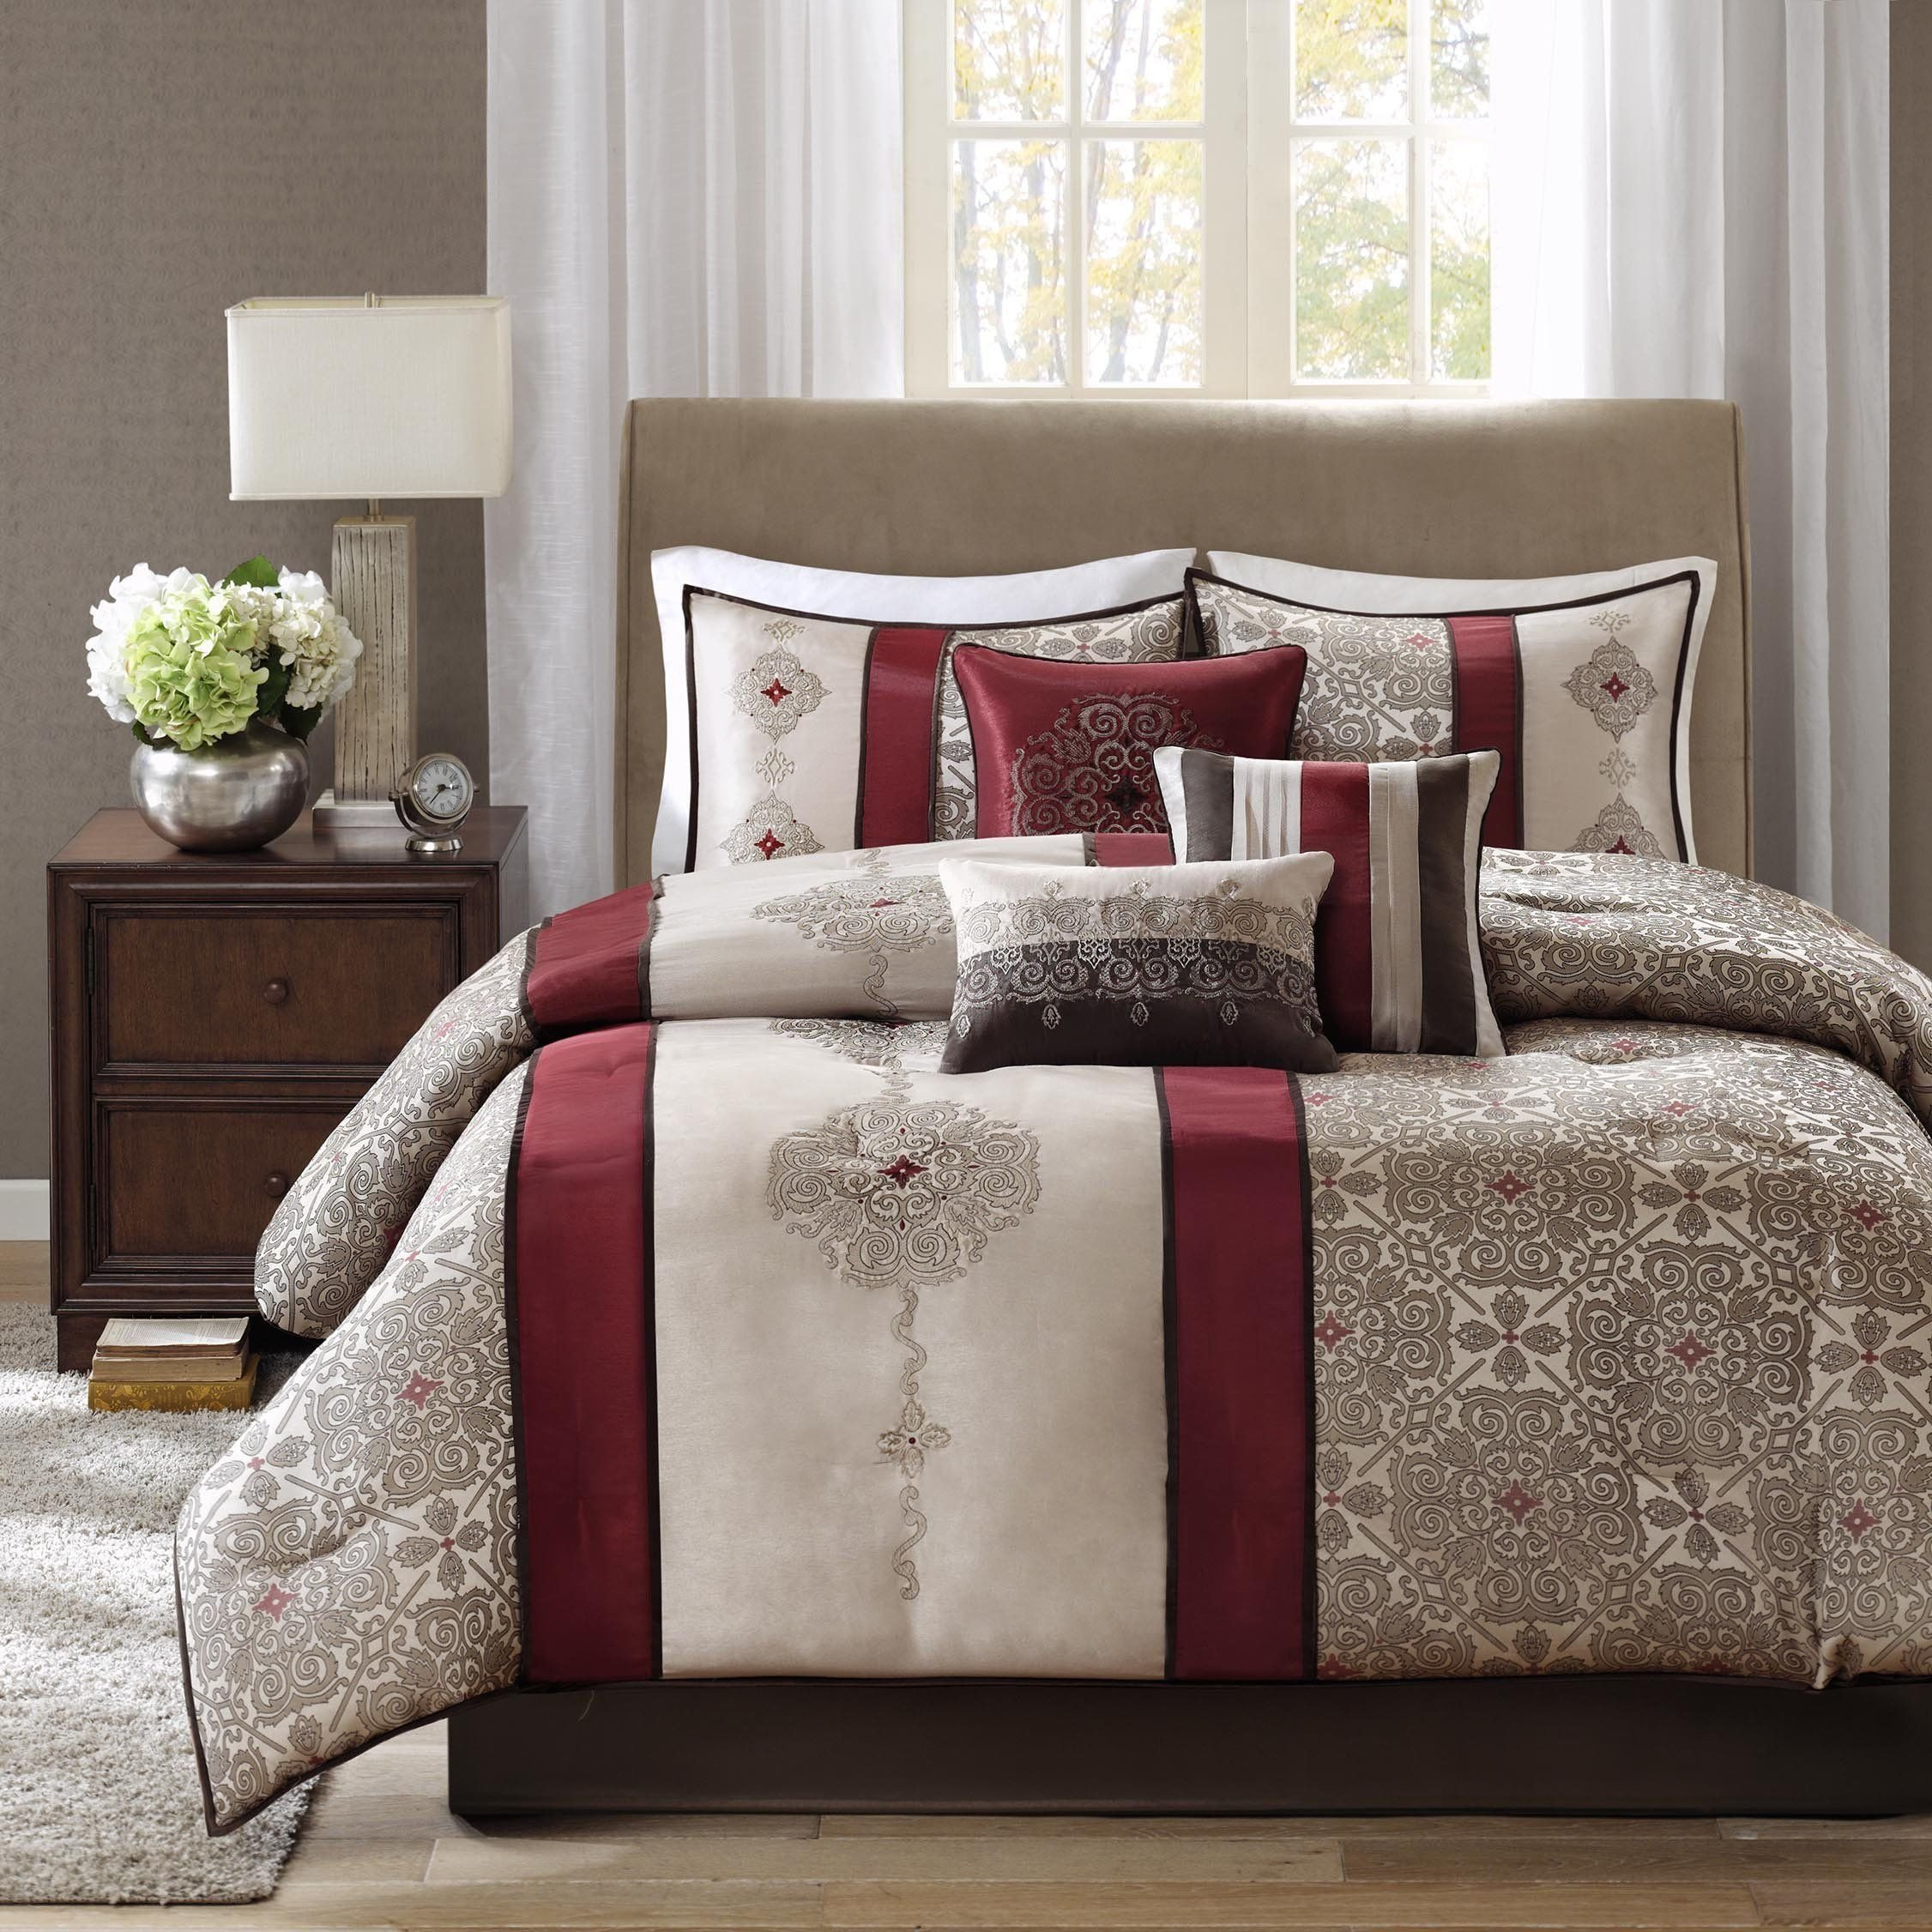 King Size Bedroom Comforter Set Best Of Madison Park Donovan King Size Bed forter Set Bed In A